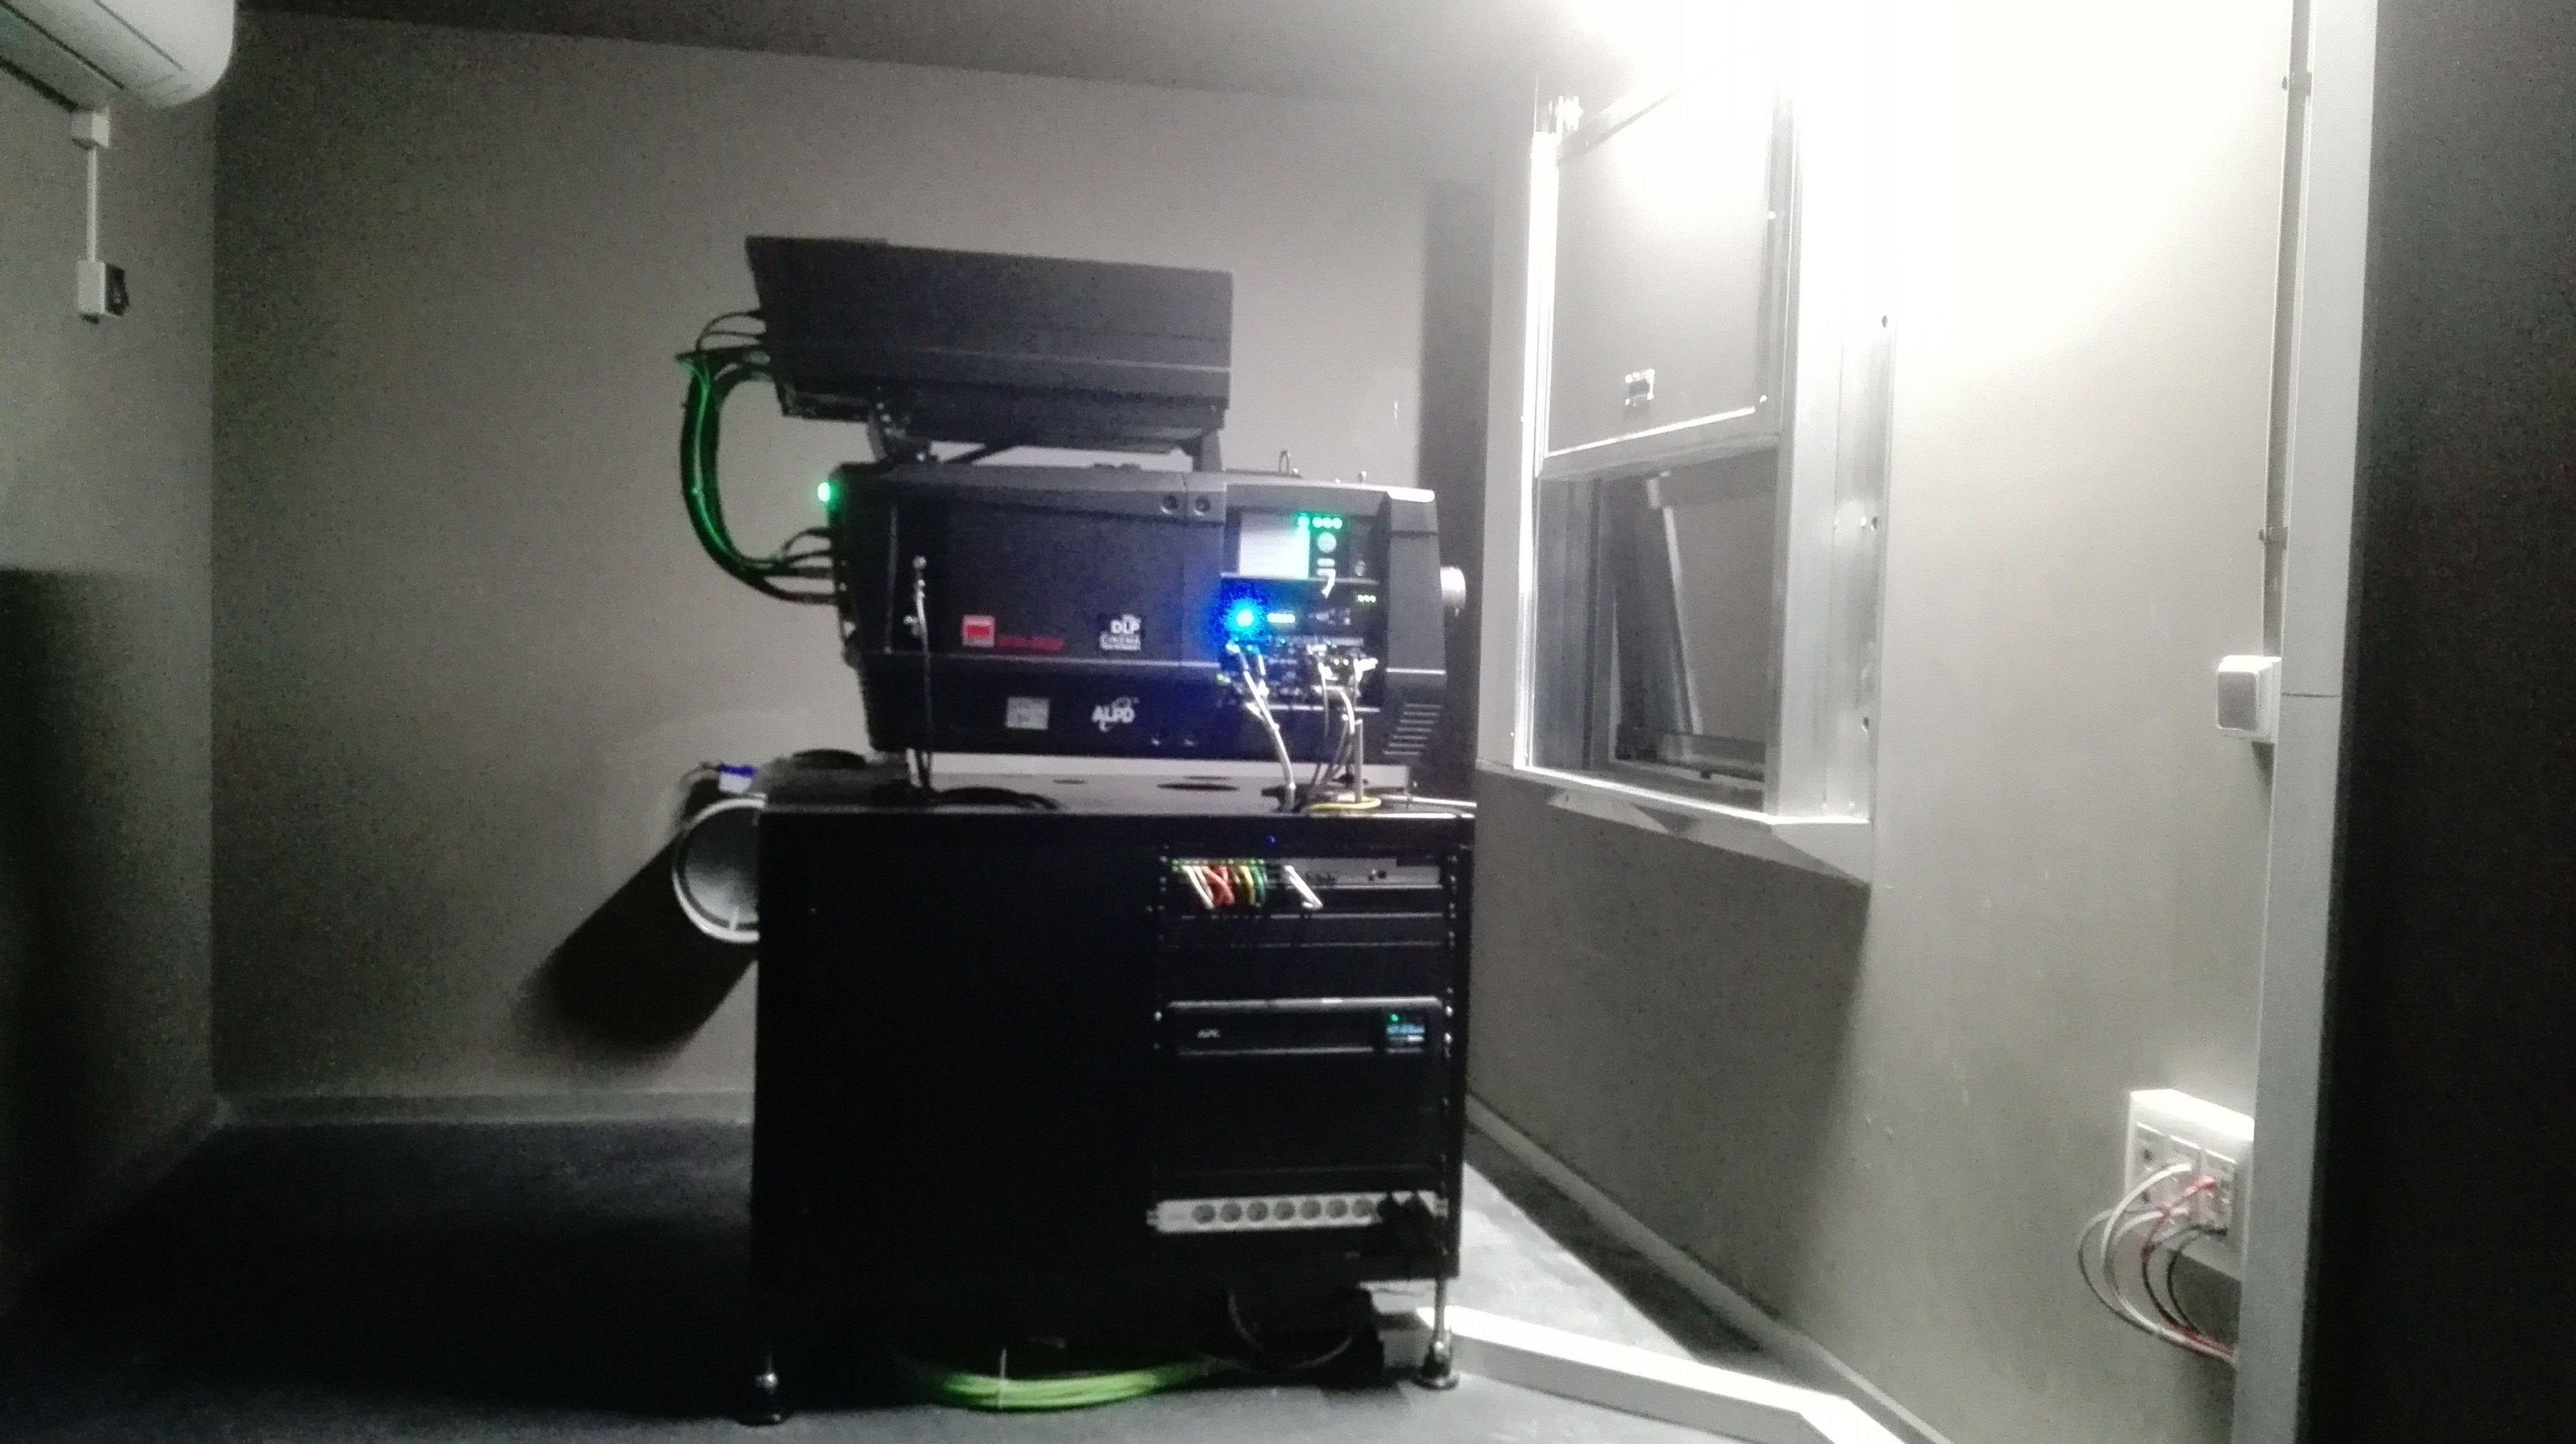 Ventana de guillotina de una hoja contra incendios certificada en sala de cines